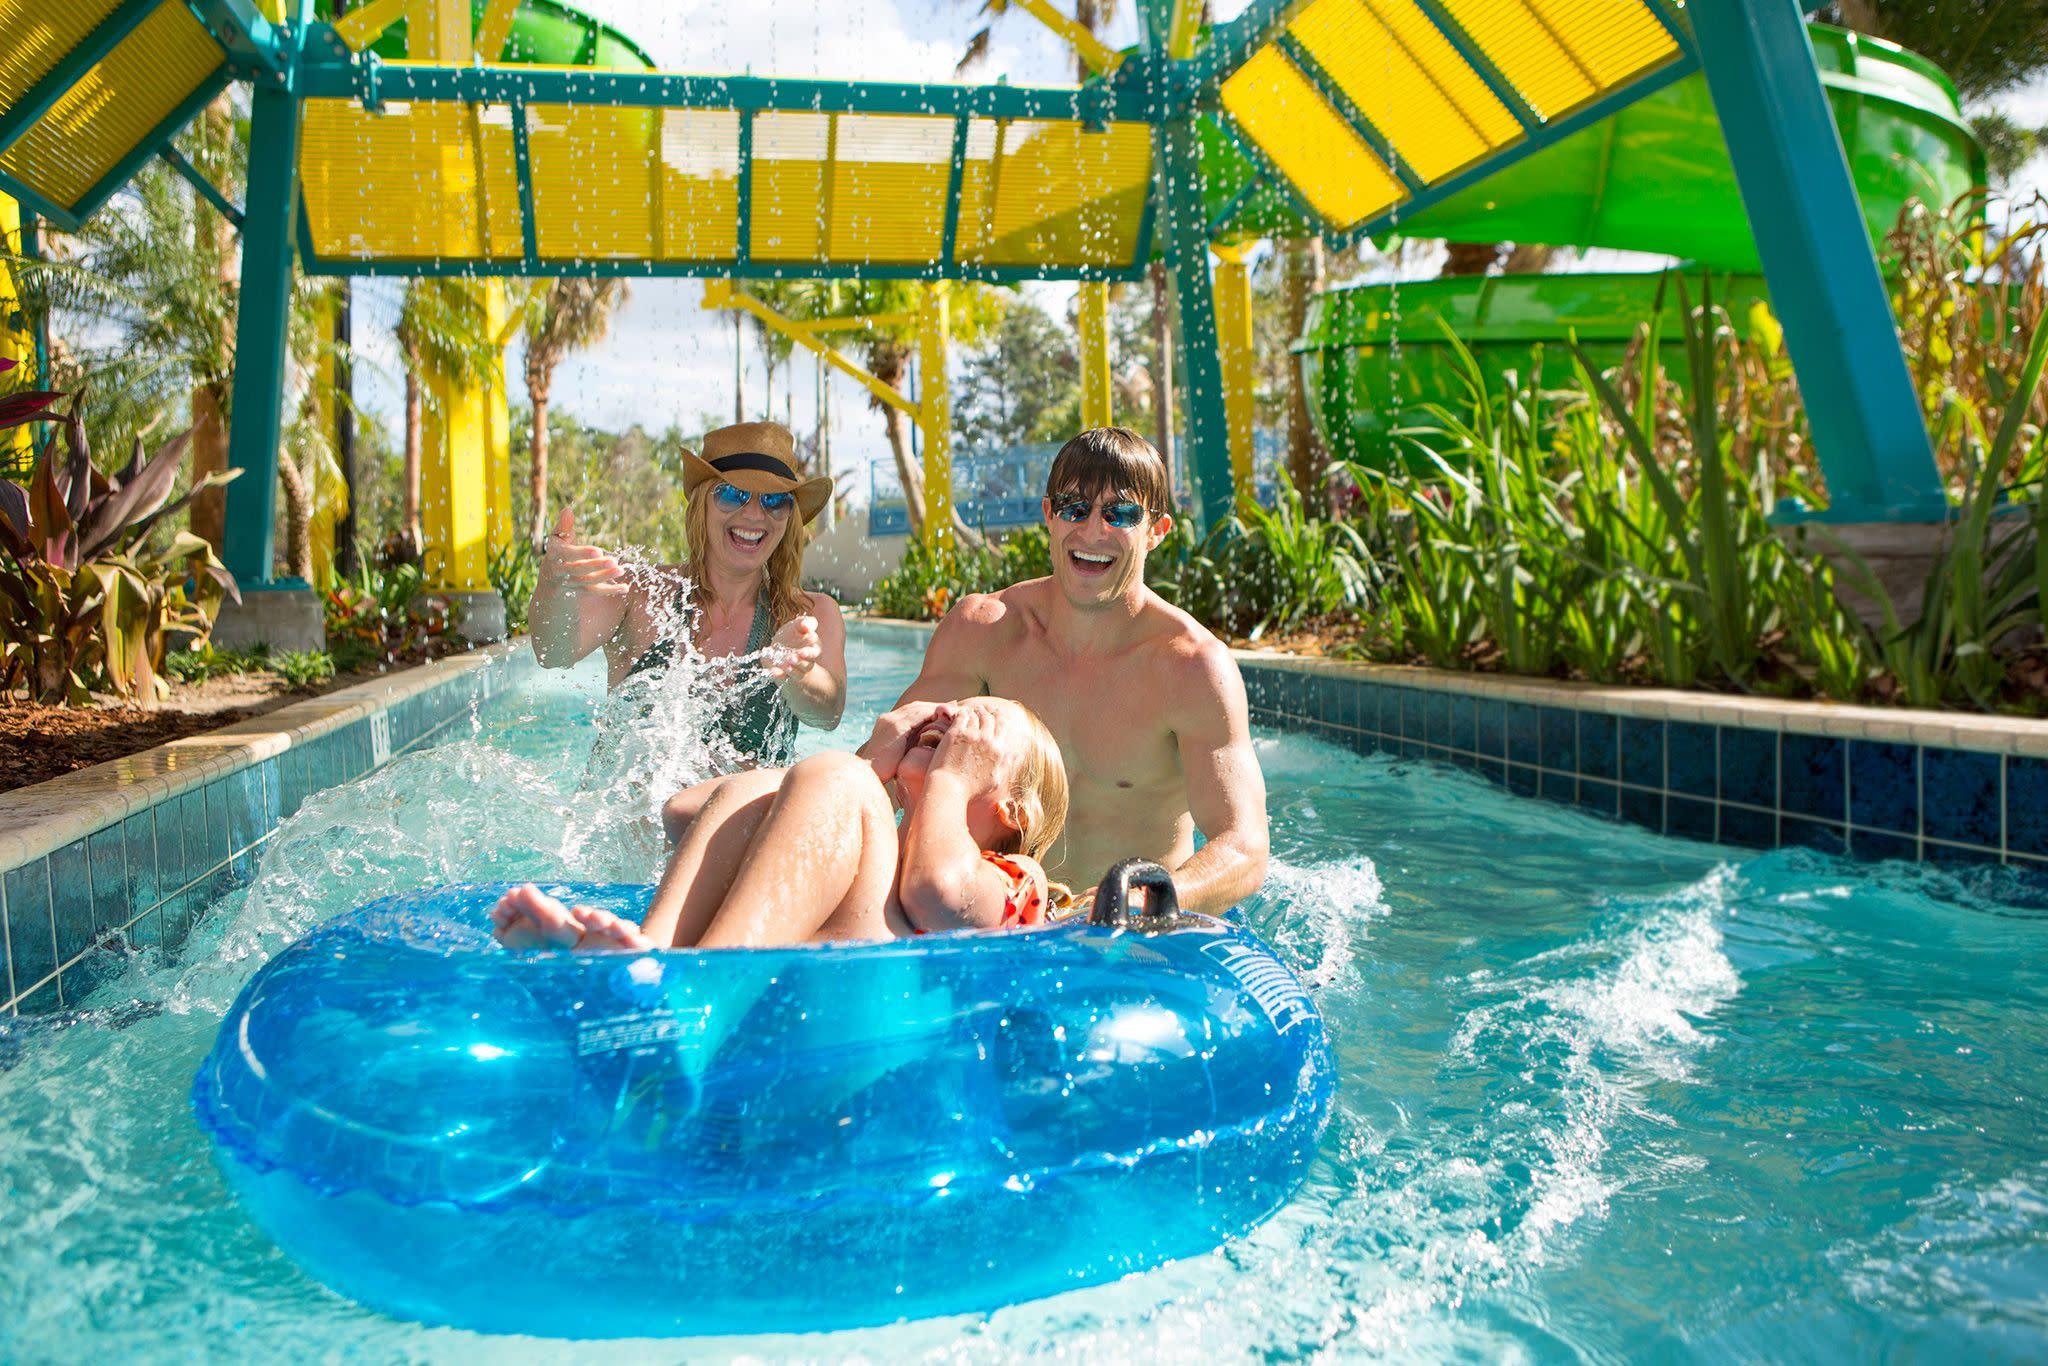 Surfari Water Park Lazy River at The Grove Resort Orlando